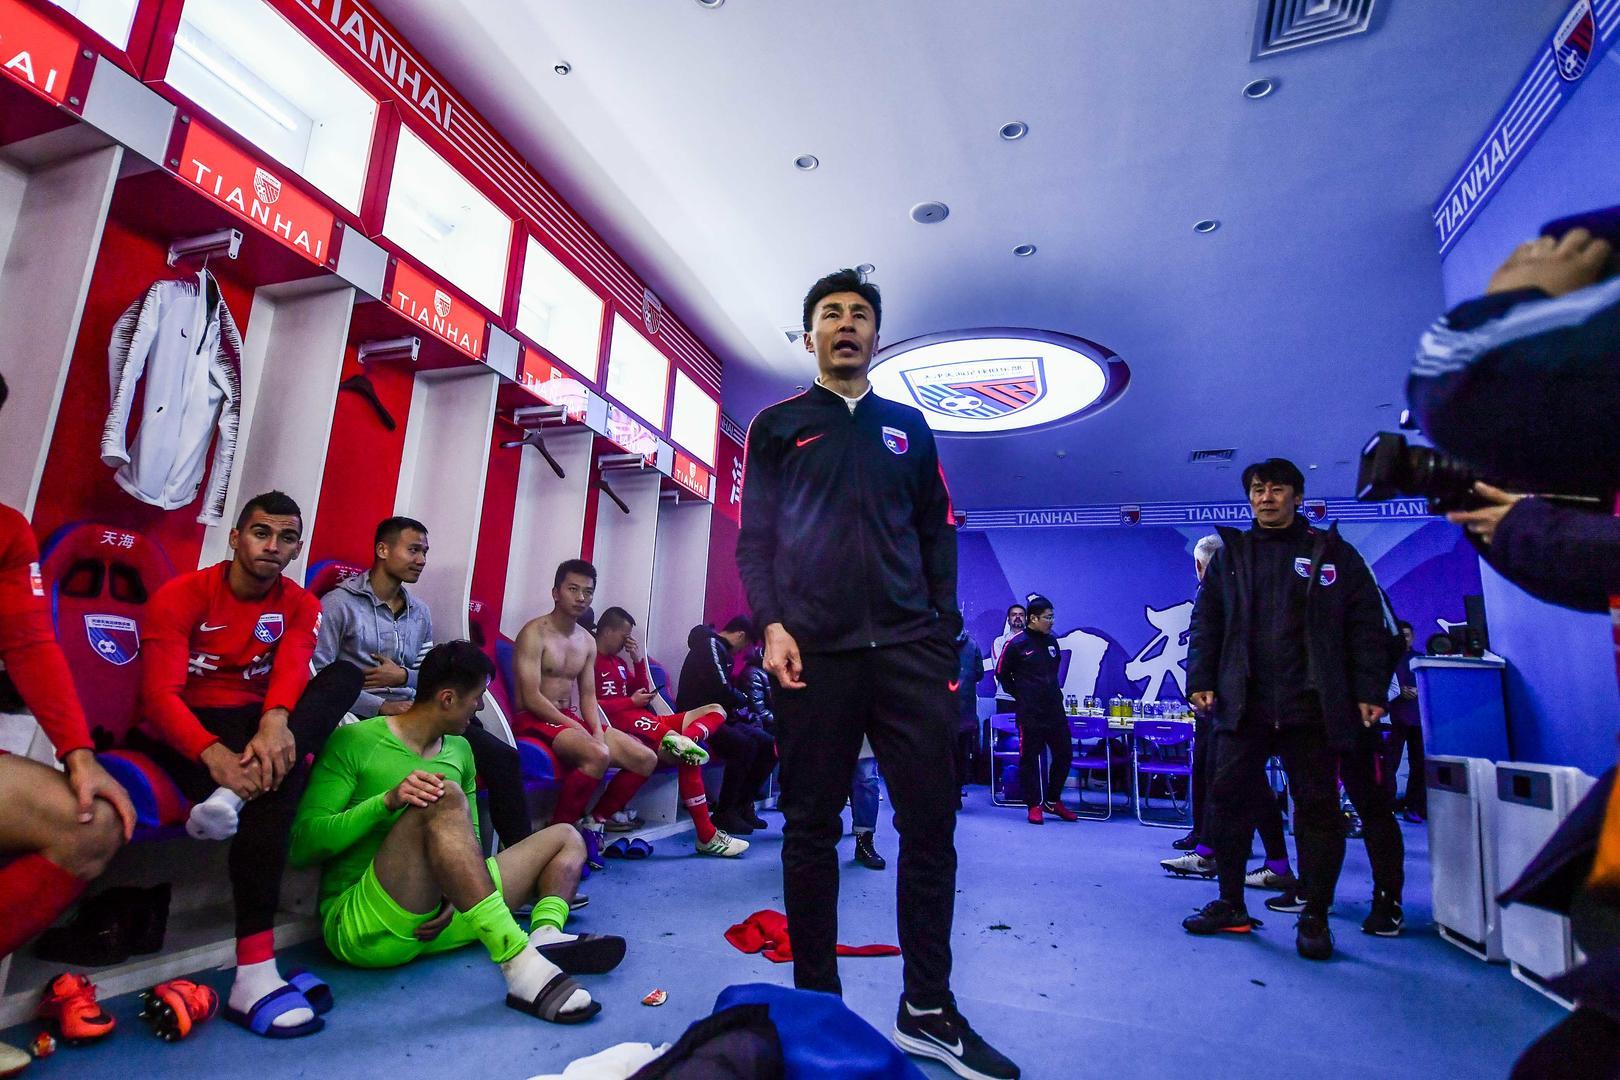 ↑ 上赛季联赛,李玮锋在天海更衣室讲话